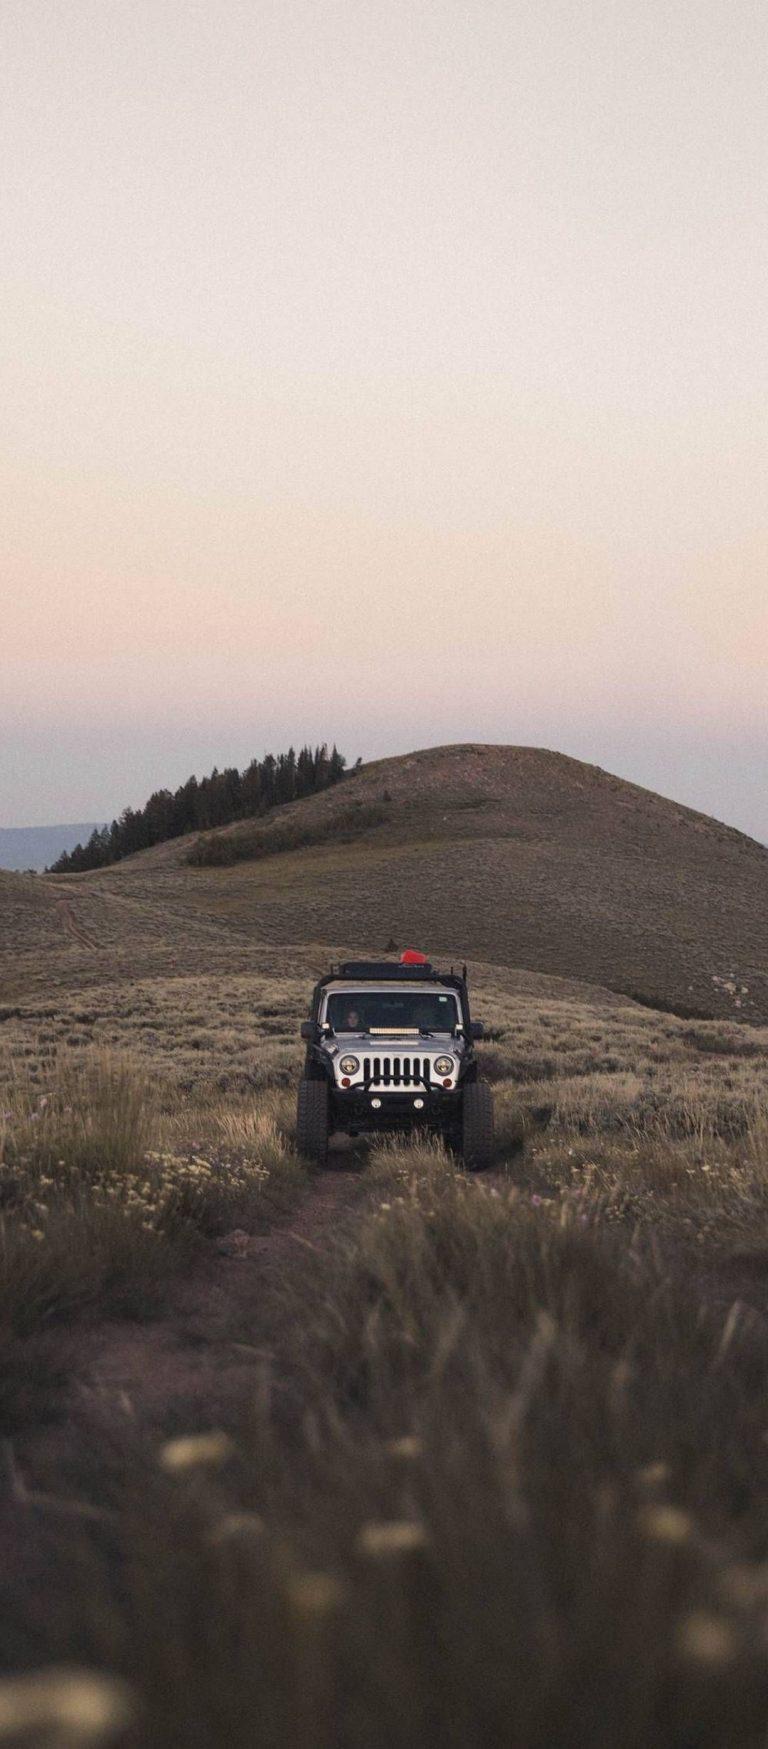 SUV Mountain Car 1080x2460 768x1749